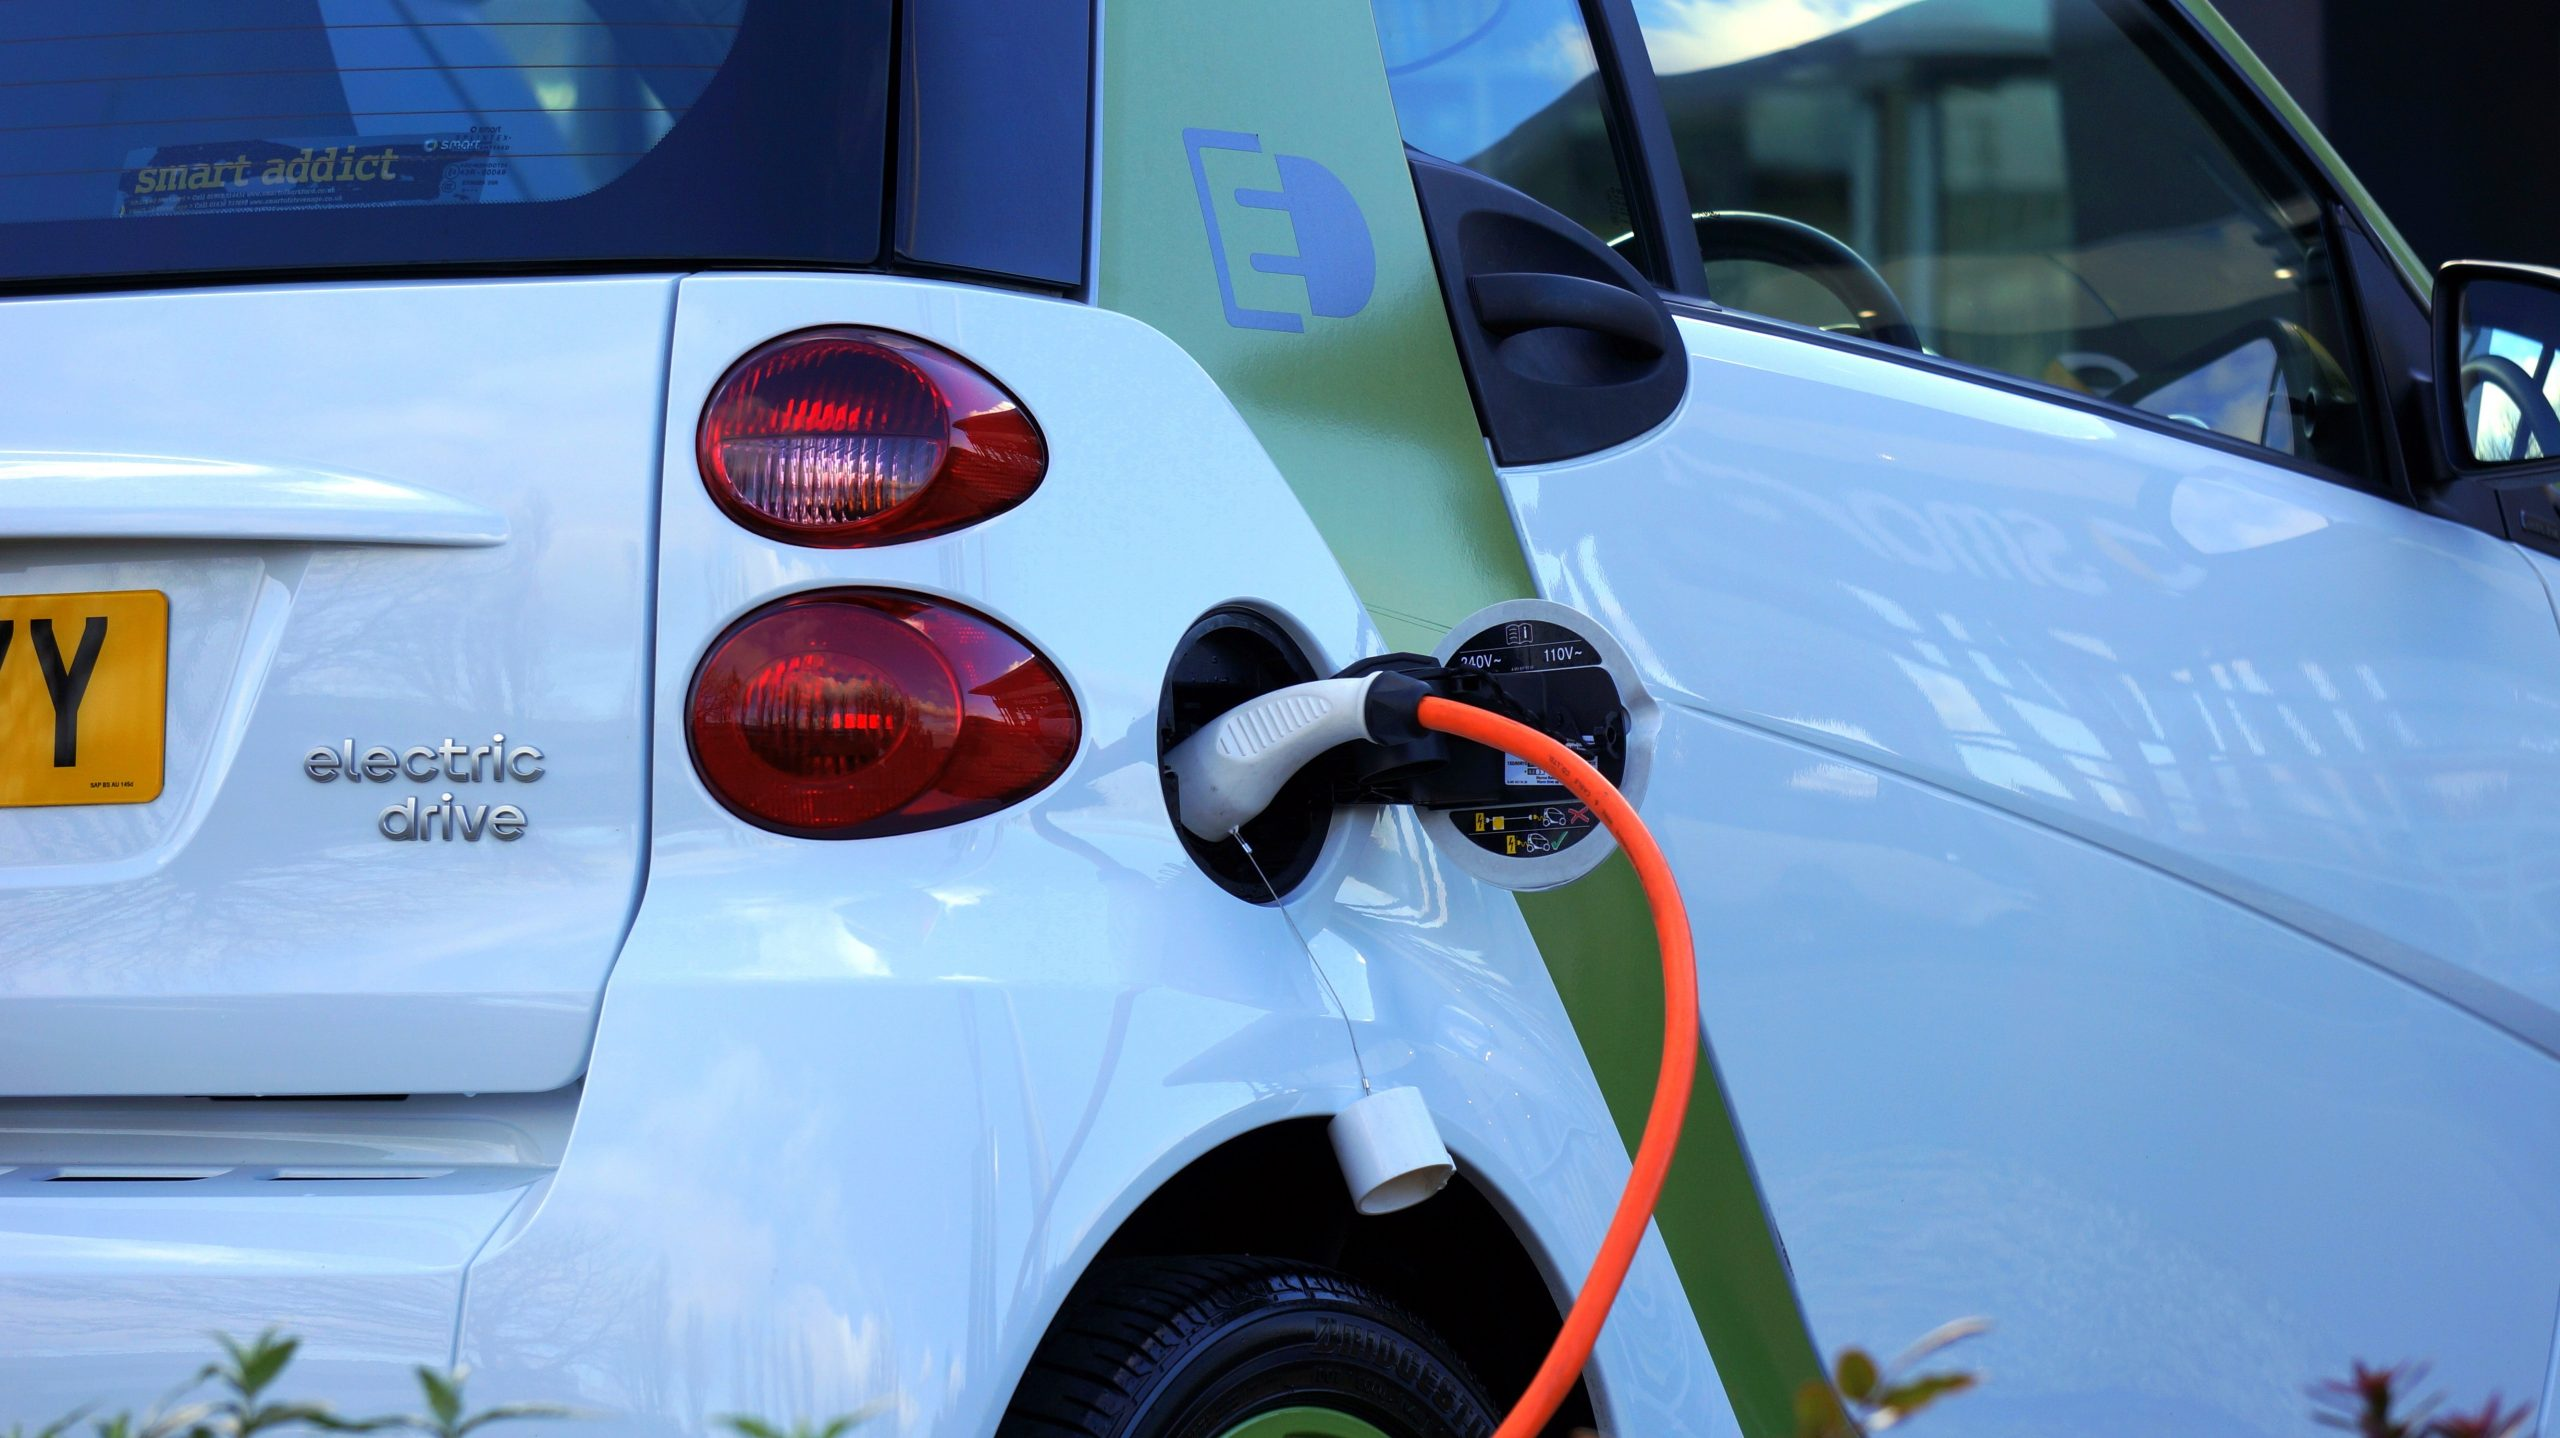 รถกระบะ รถยนต์พลังงานไฟฟ้า ลดภาษี แก้ฝุ่นพิษ